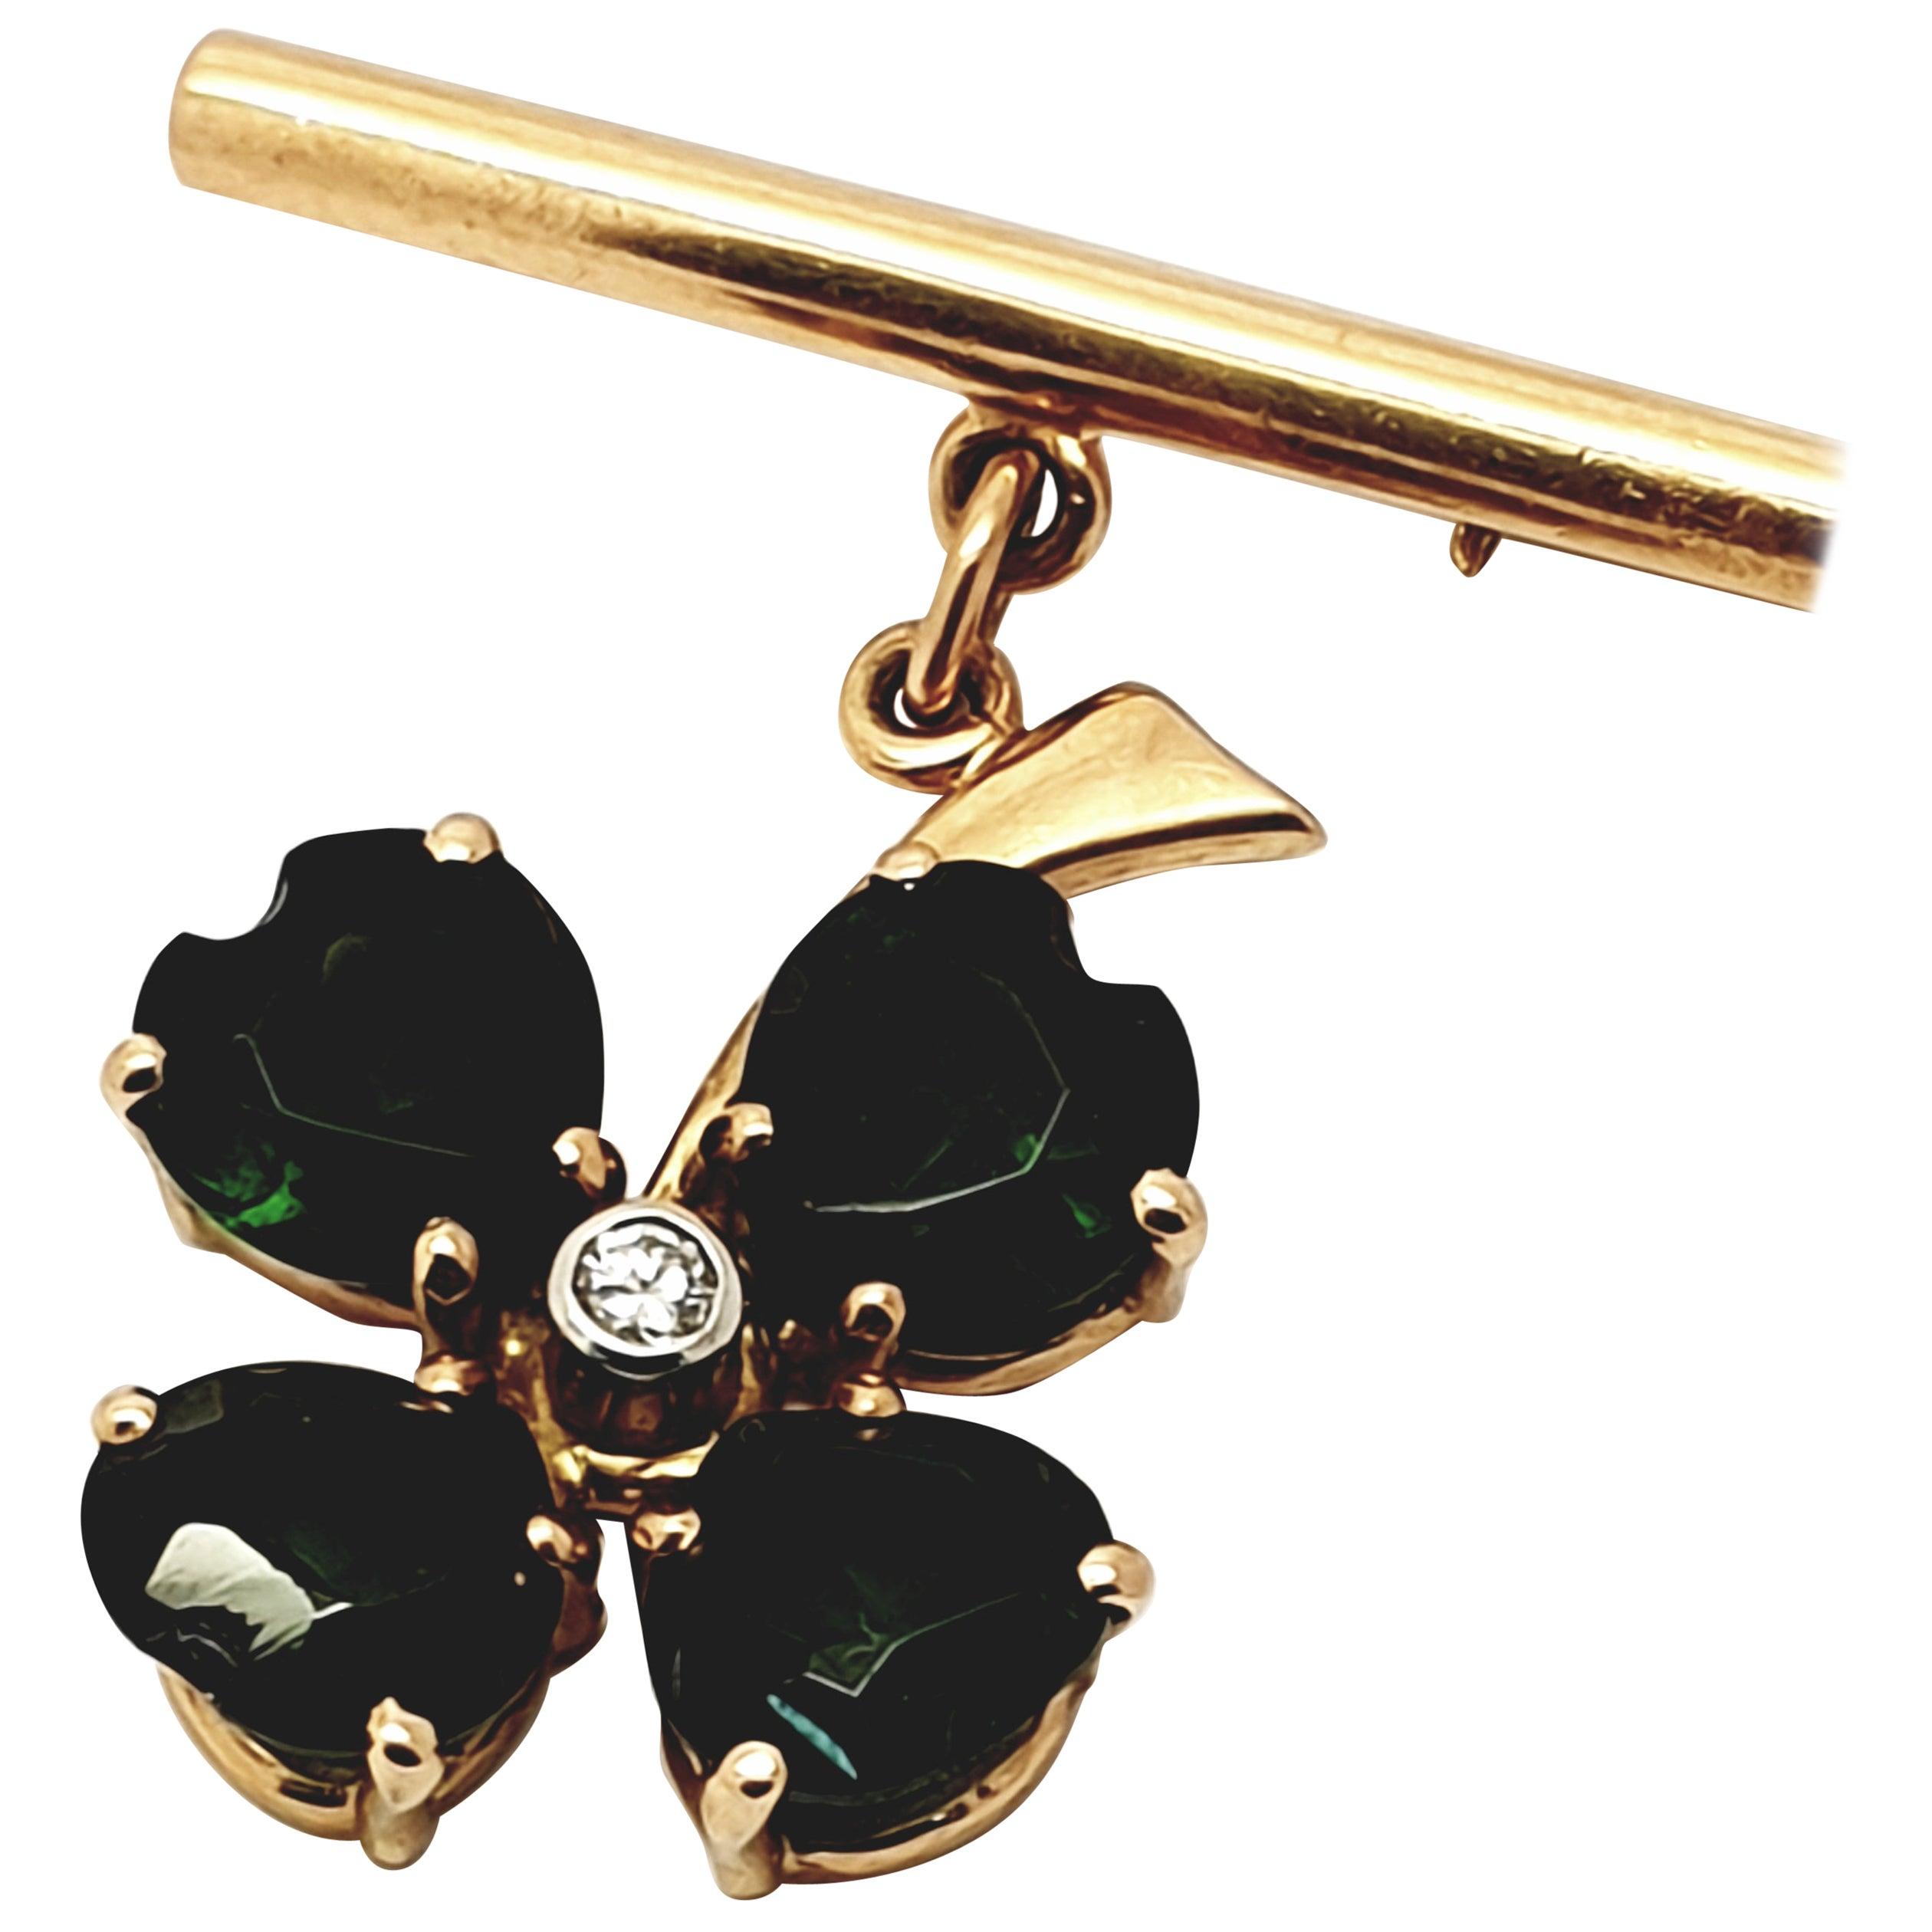 1940s Green Tourmaline Diamond Clover 14 Karat Gold Brooch